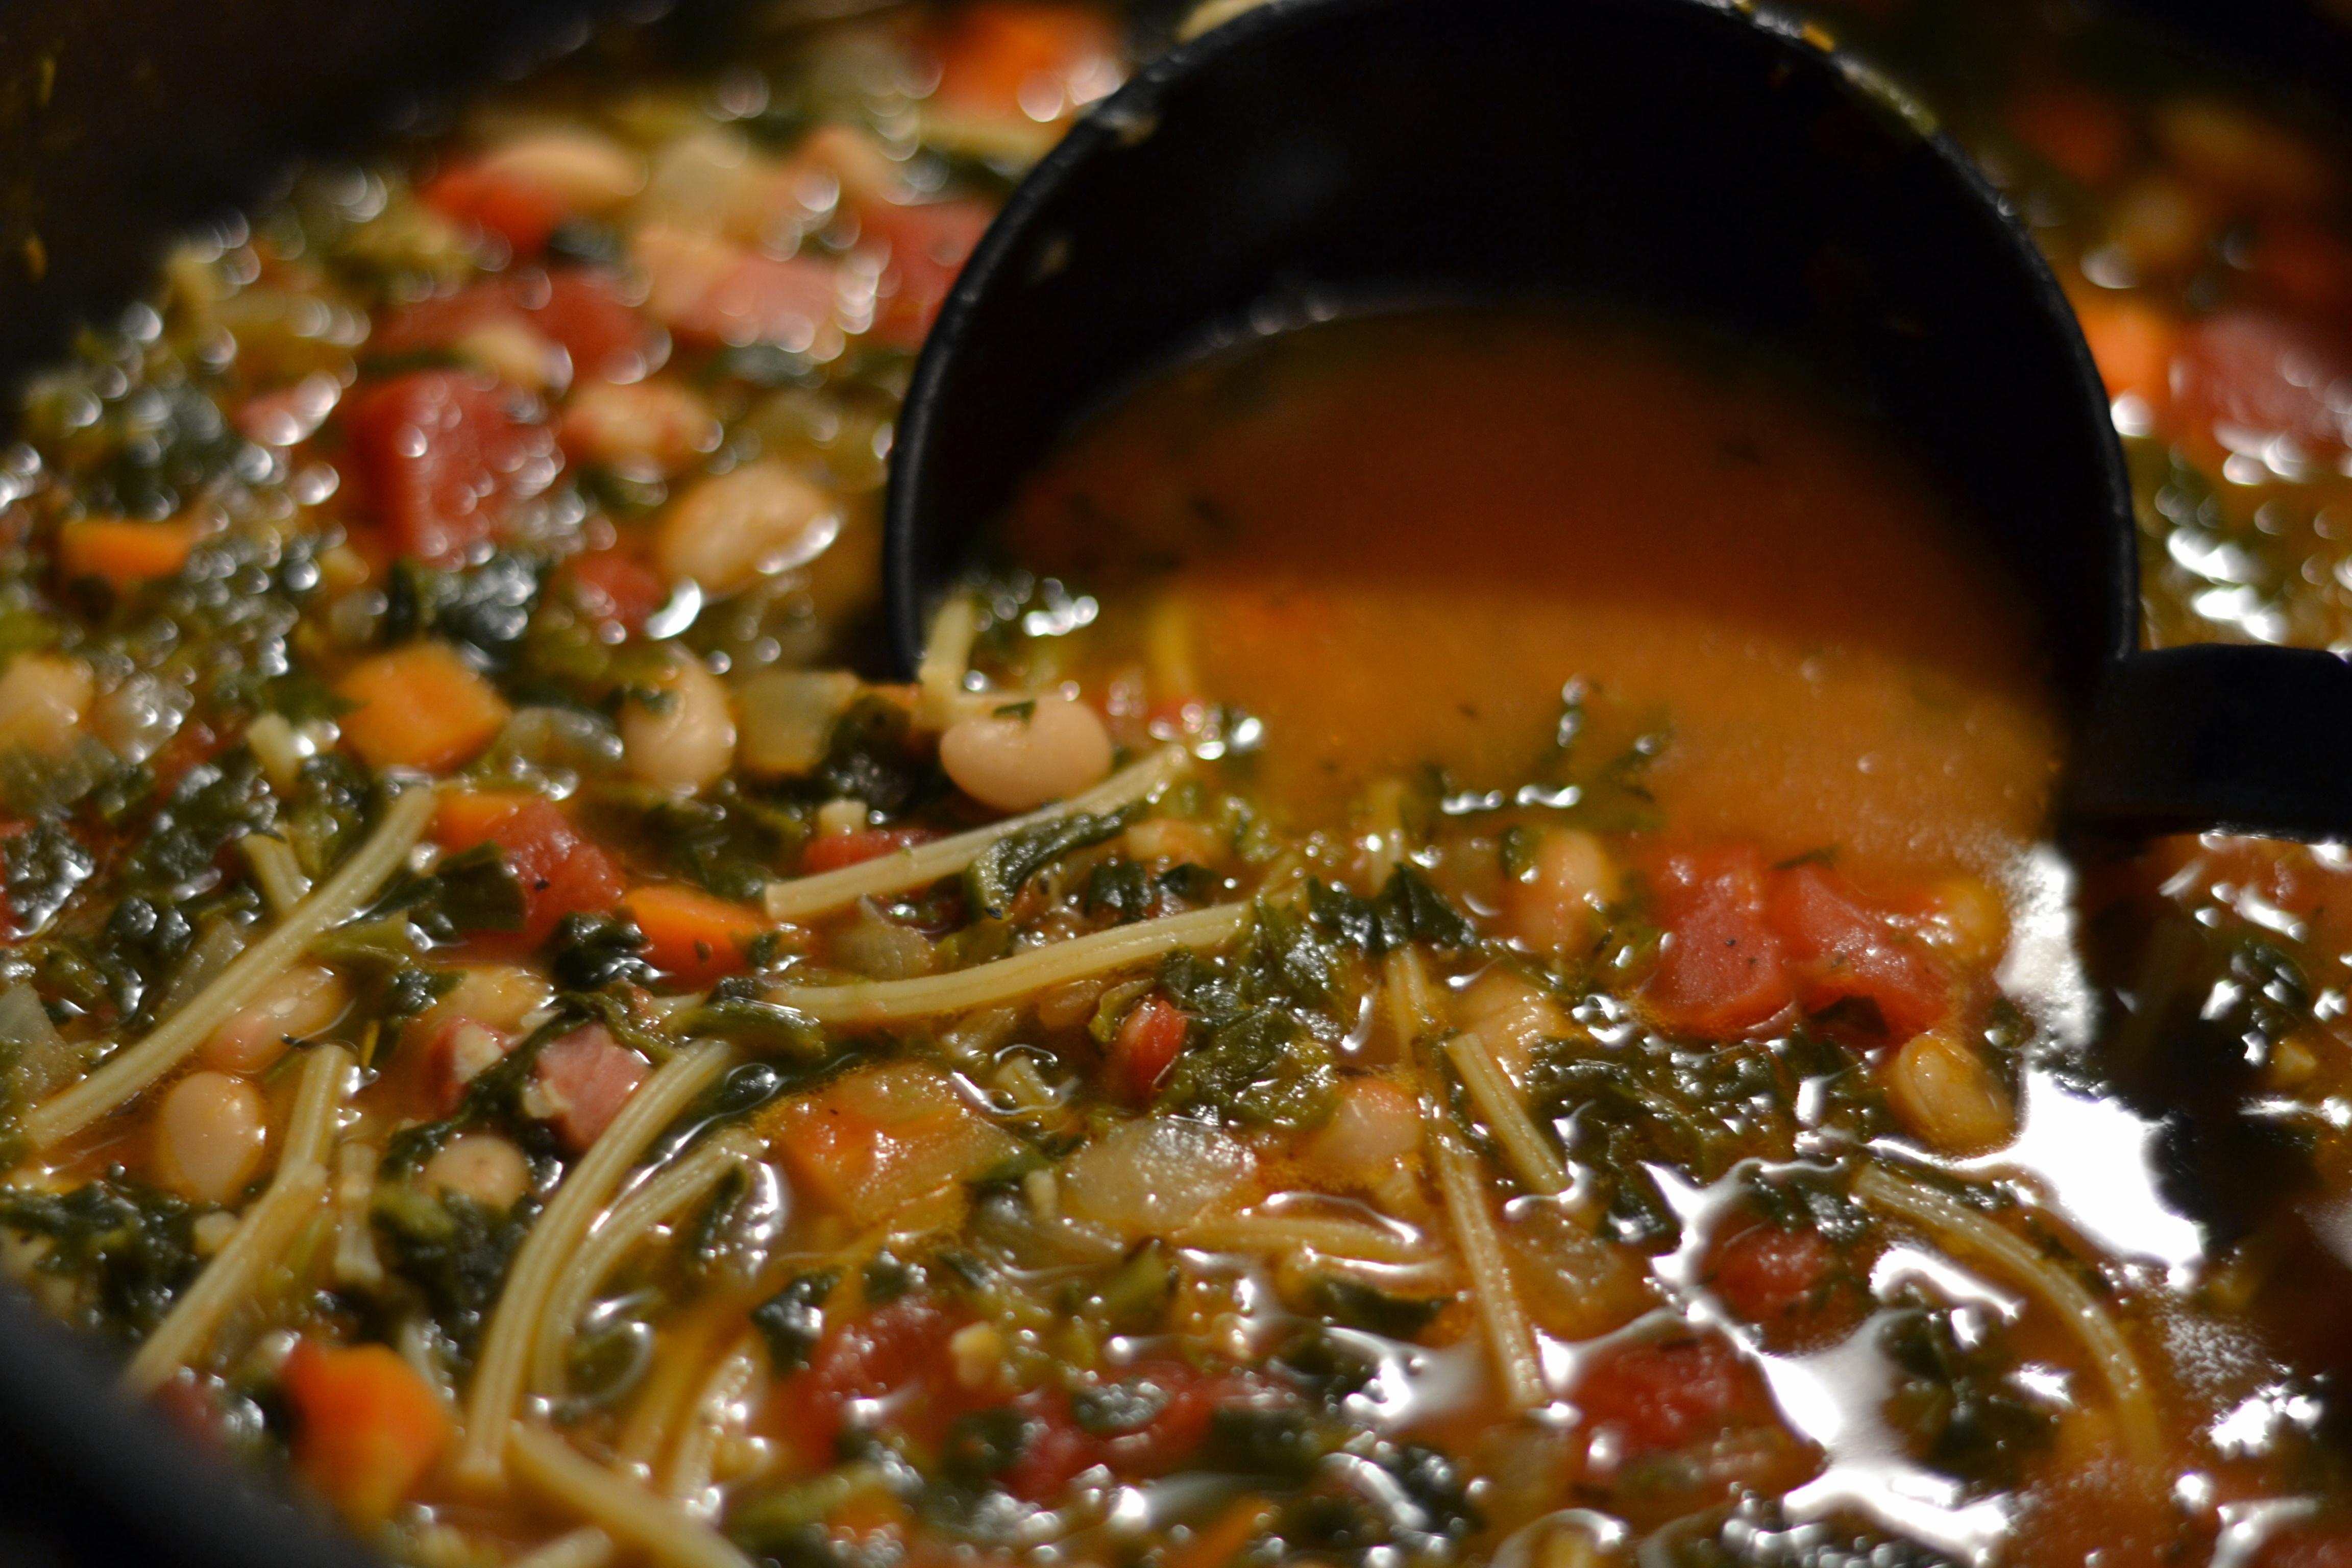 Ribollita with Spaghetti - Chew Nibble NoshChew Nibble Nosh